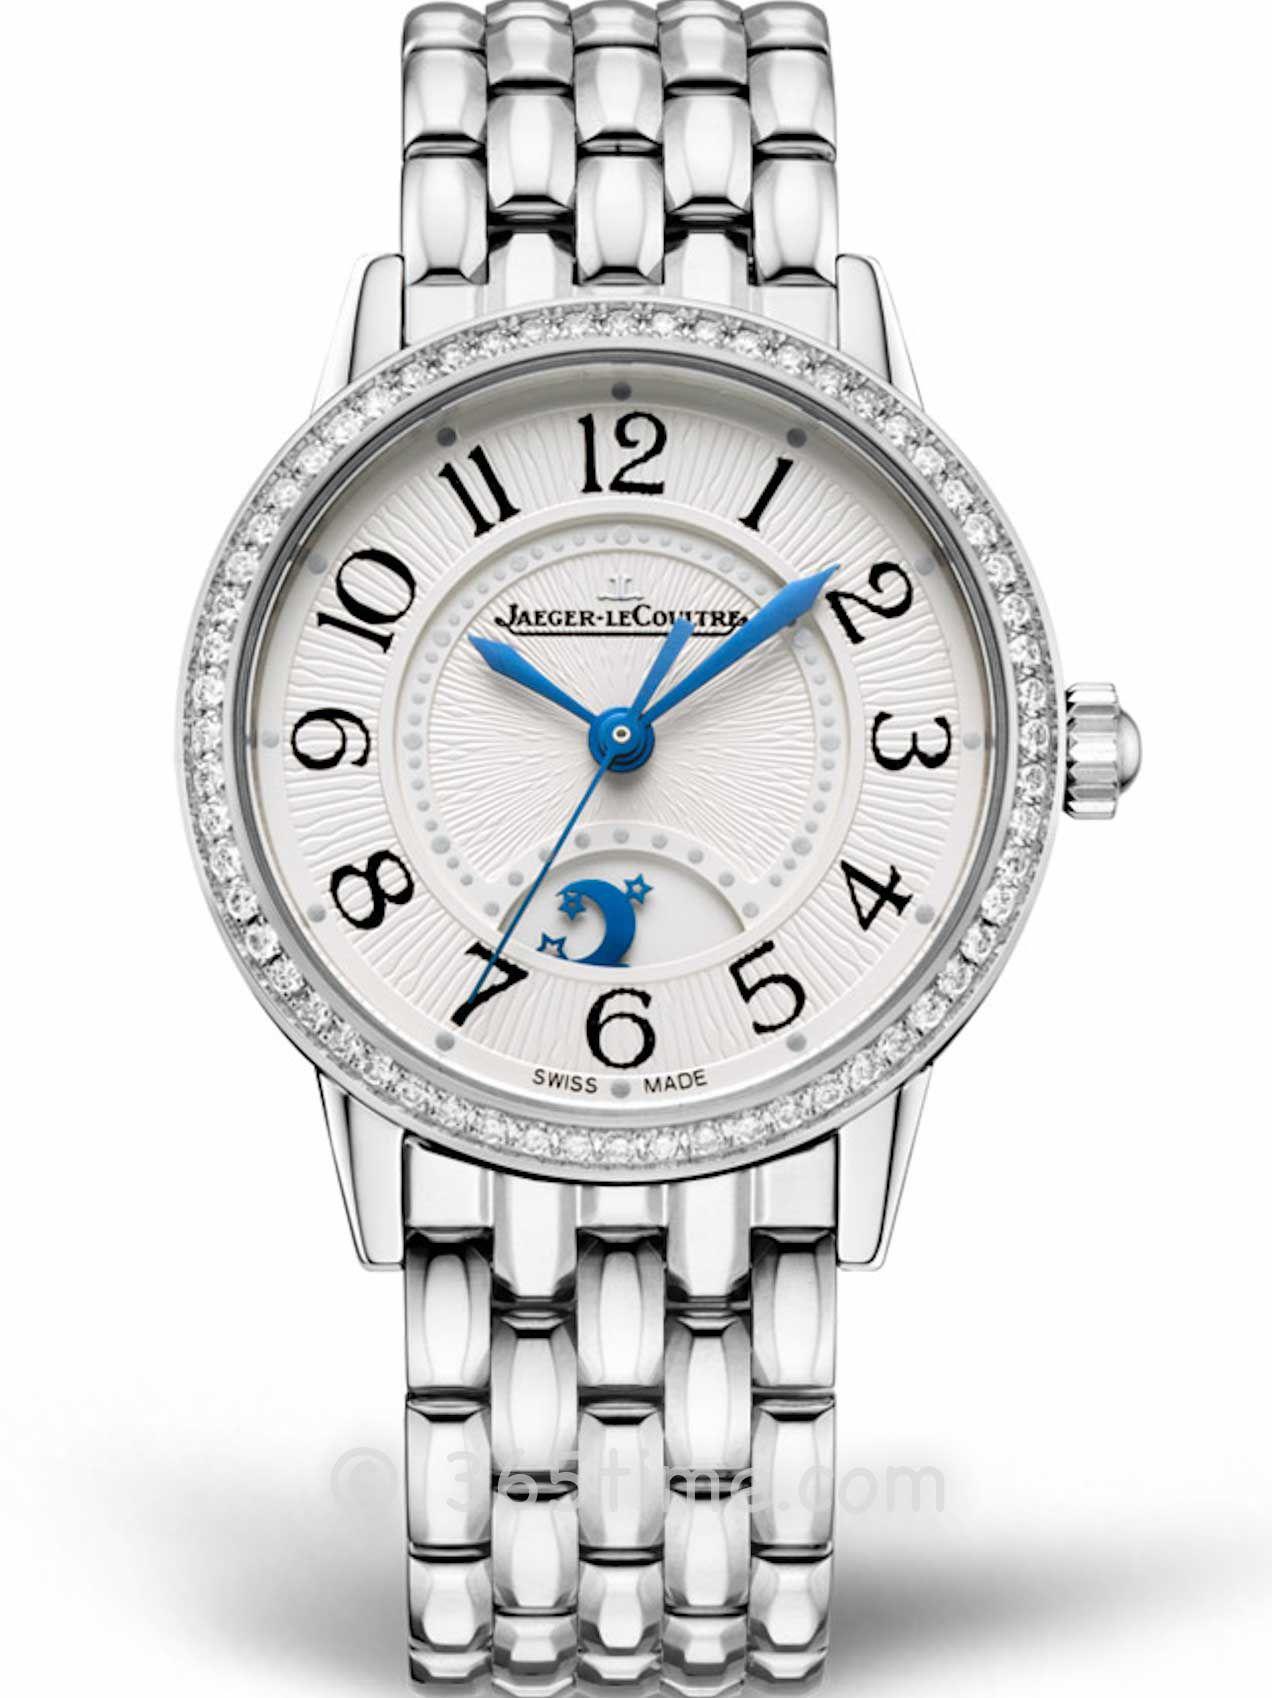 积家约会系列日夜显示腕表(小型款)3468130